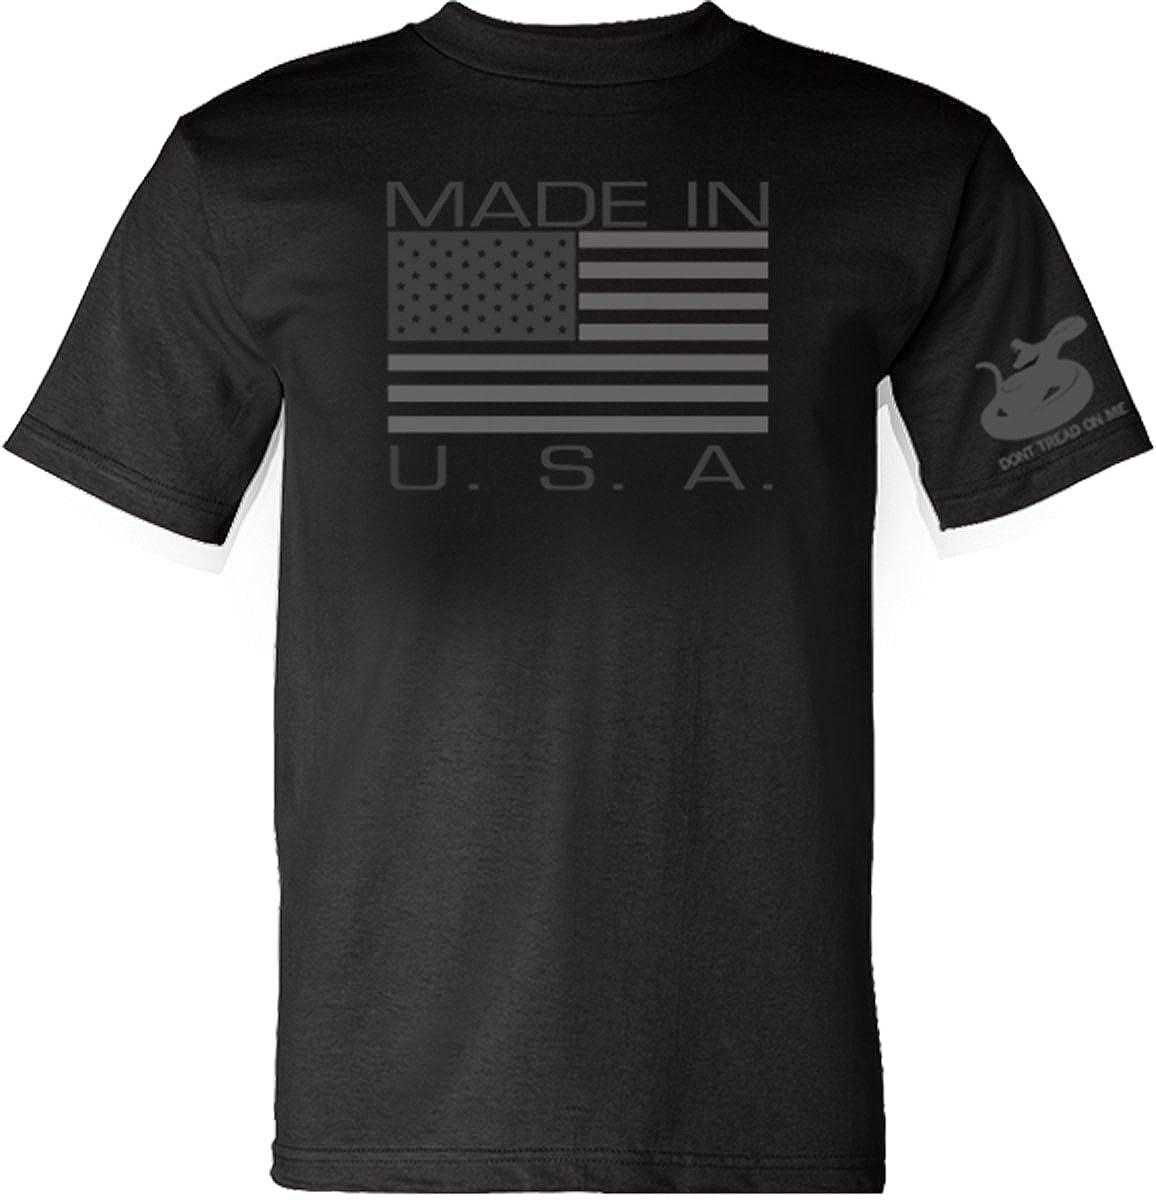 Black t shirt image - Black T Shirt Image 7